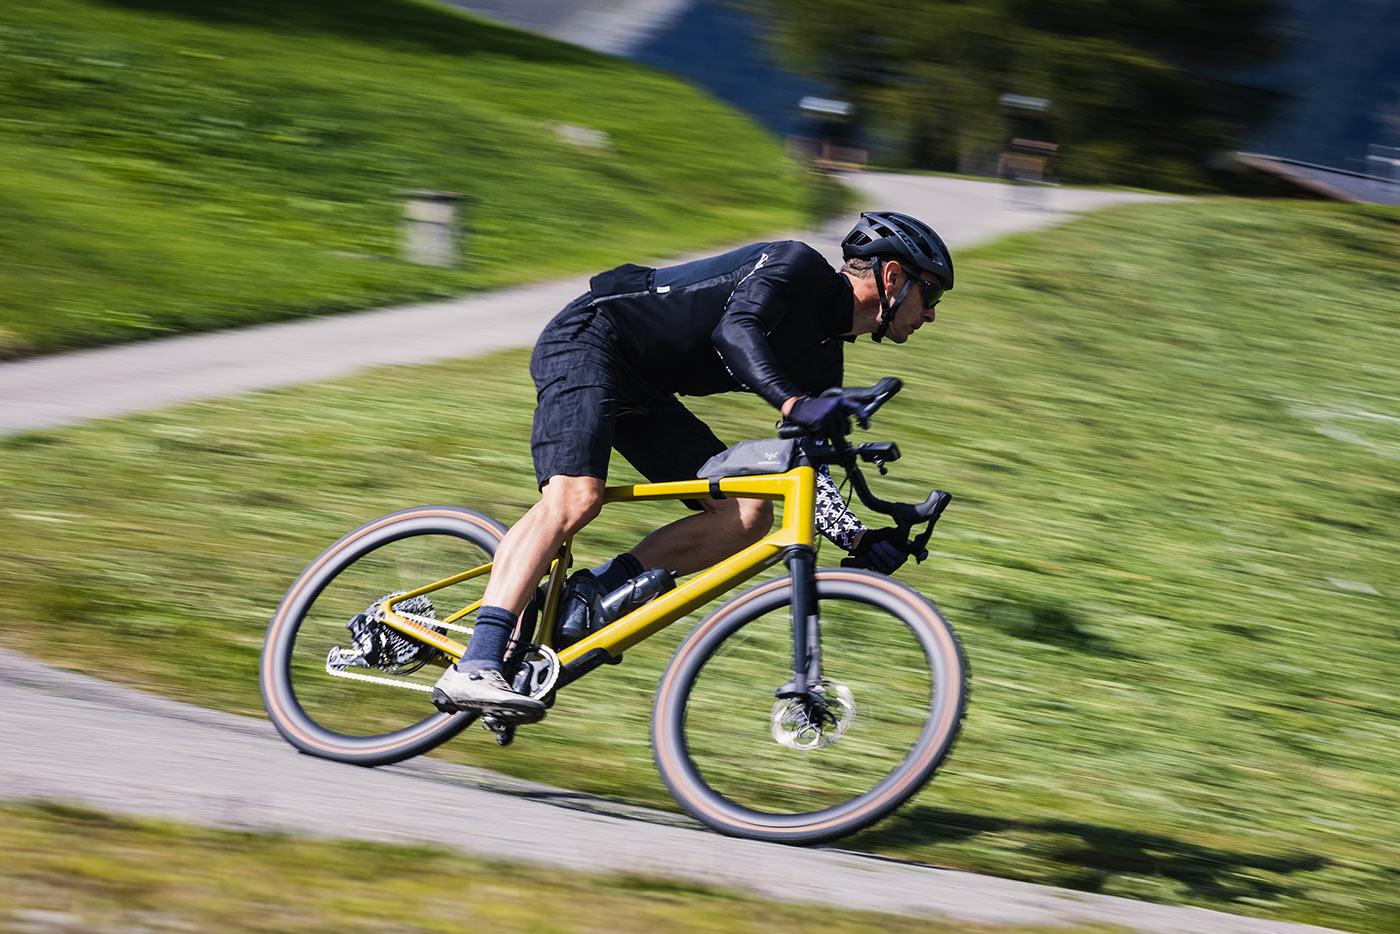 high speed cornering on the bmc urs lt full suspension gravel bike on the road